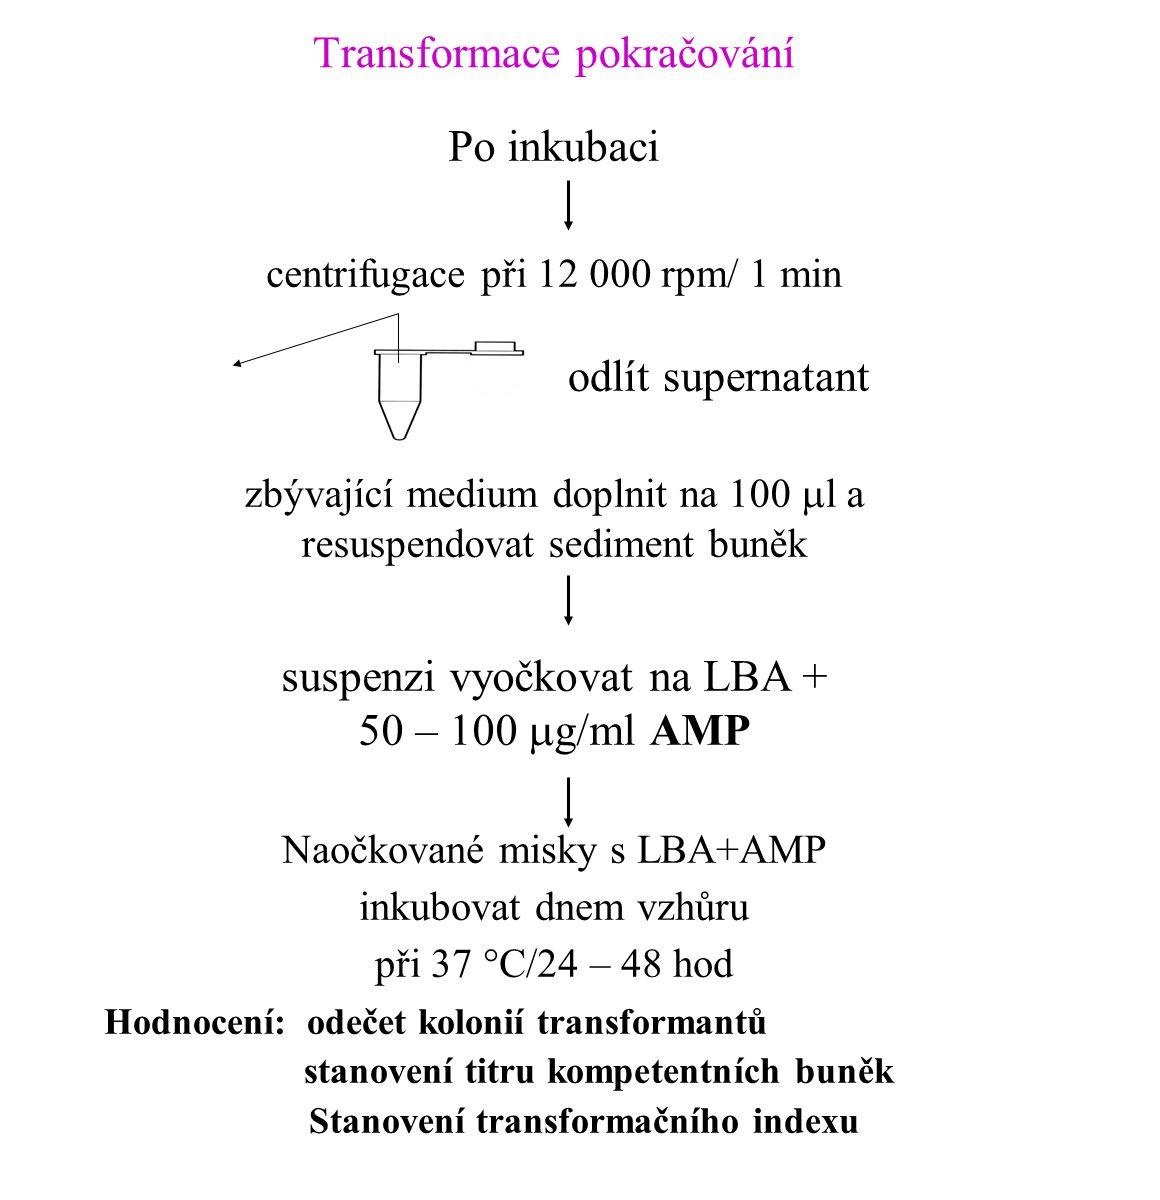 Transformace pokračování odlít supernatant zbývající medium doplnit na 100 m l a resuspendovat sediment buněk suspenzi vyočkovat na LBA + 50 – 100 m g/ml AMP Naočkované misky s LBA+AMP inkubovat dnem vzhůru při 37 °C/24 – 48 hod Hodnocení: odečet kolonií transformantů stanovení titru kompetentních buněk Stanovení transformačního indexu centrifugace při 12 000 rpm/ 1 min Po inkubaci